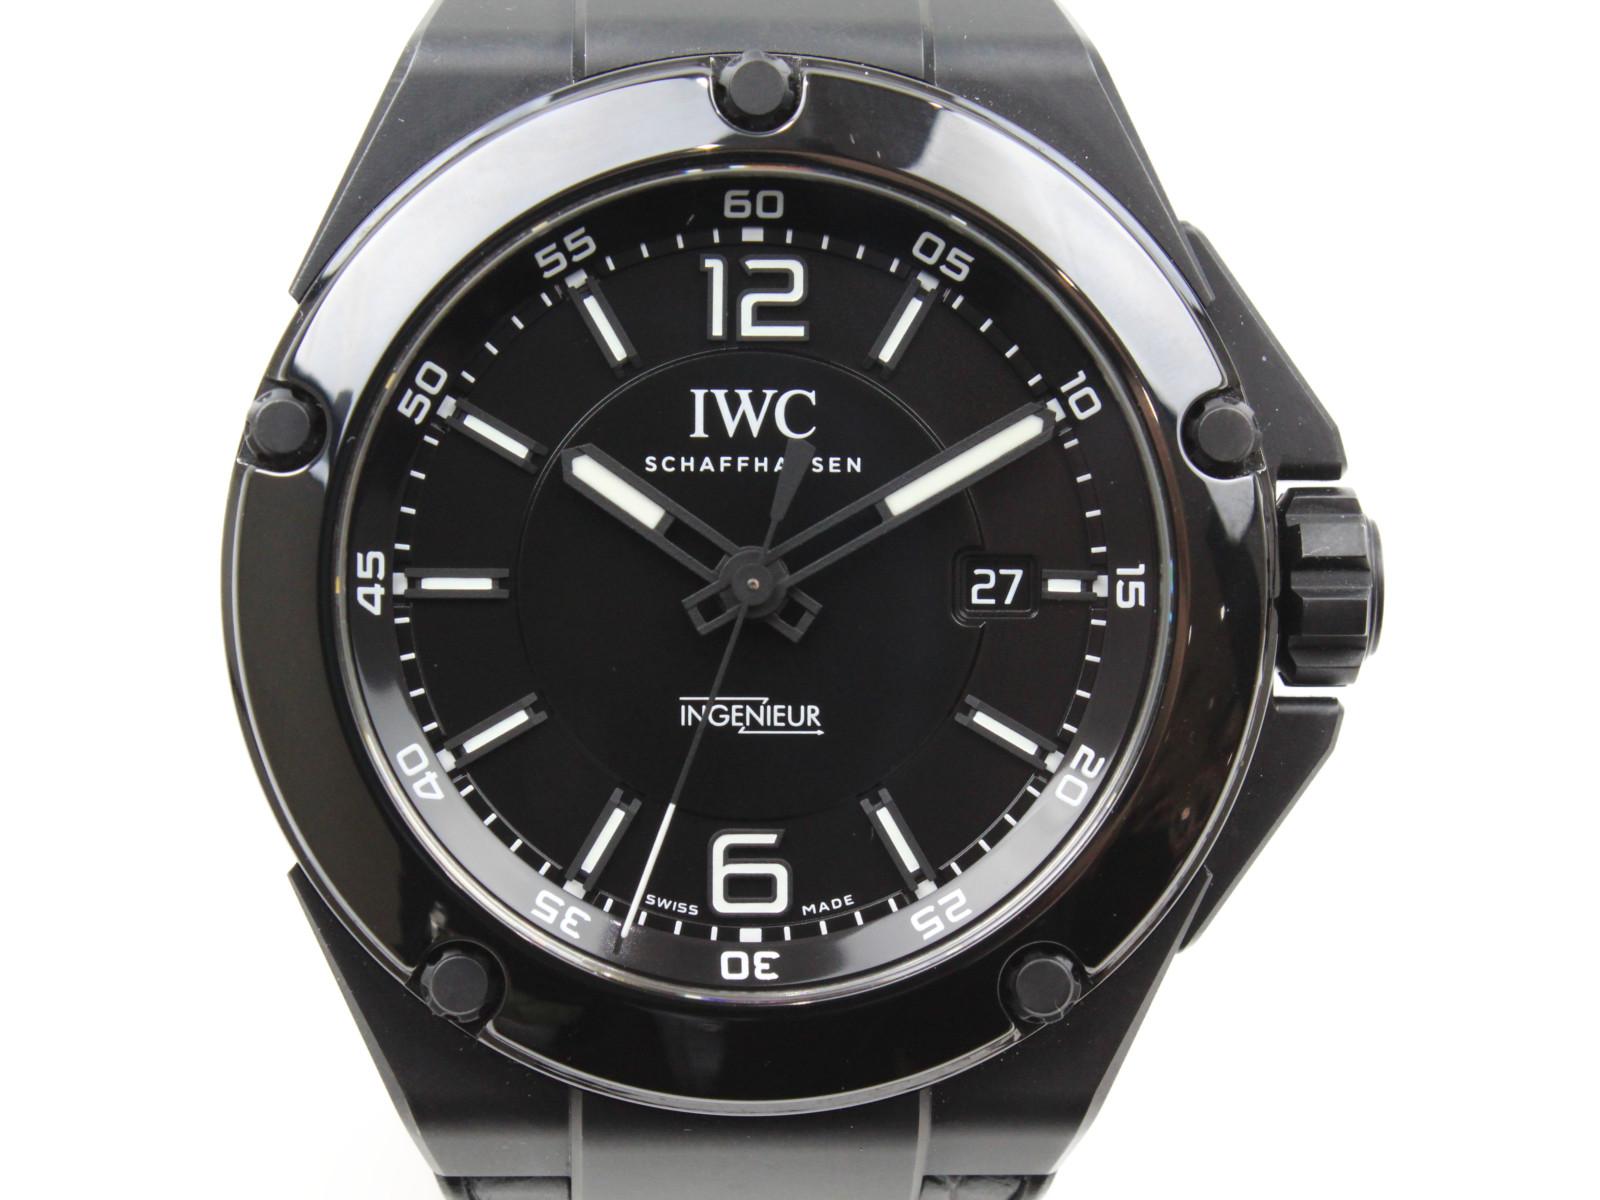 激安超安値 【替えベルト2本付き】IWC アイダブルシー インジュニア オートマティック AMG ブラック シリーズ セラミック IW322503 自動巻き デイト ブラック メンズ 腕時計【】, 旨いもんハンター:552a2074 --- cpps.dyndns.info